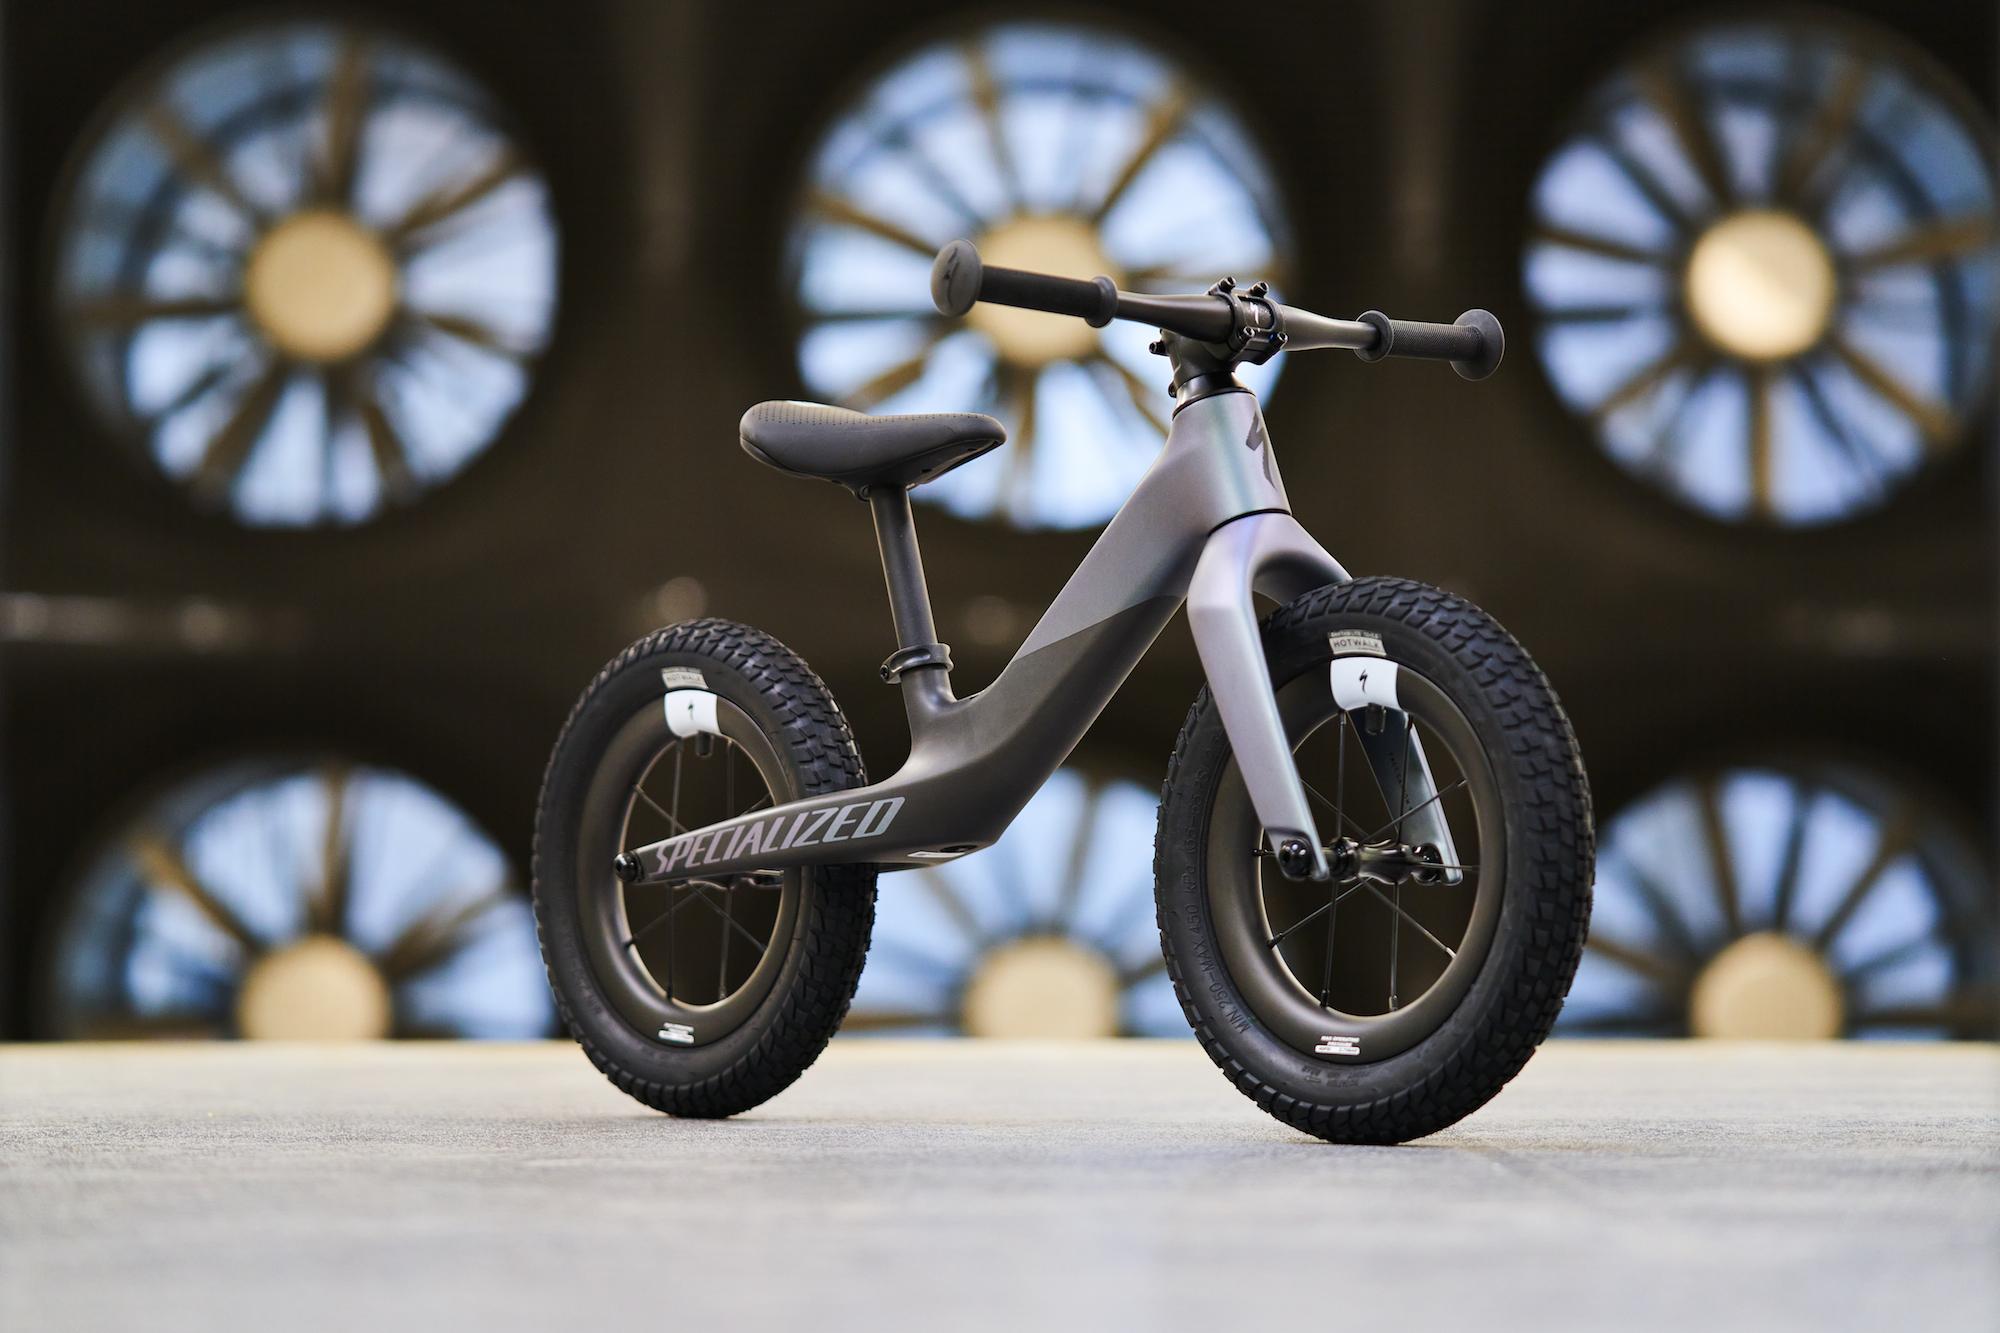 Specialized dévoile une superbe moto de 2 kg en fibre de carbone … pour les tout-petits